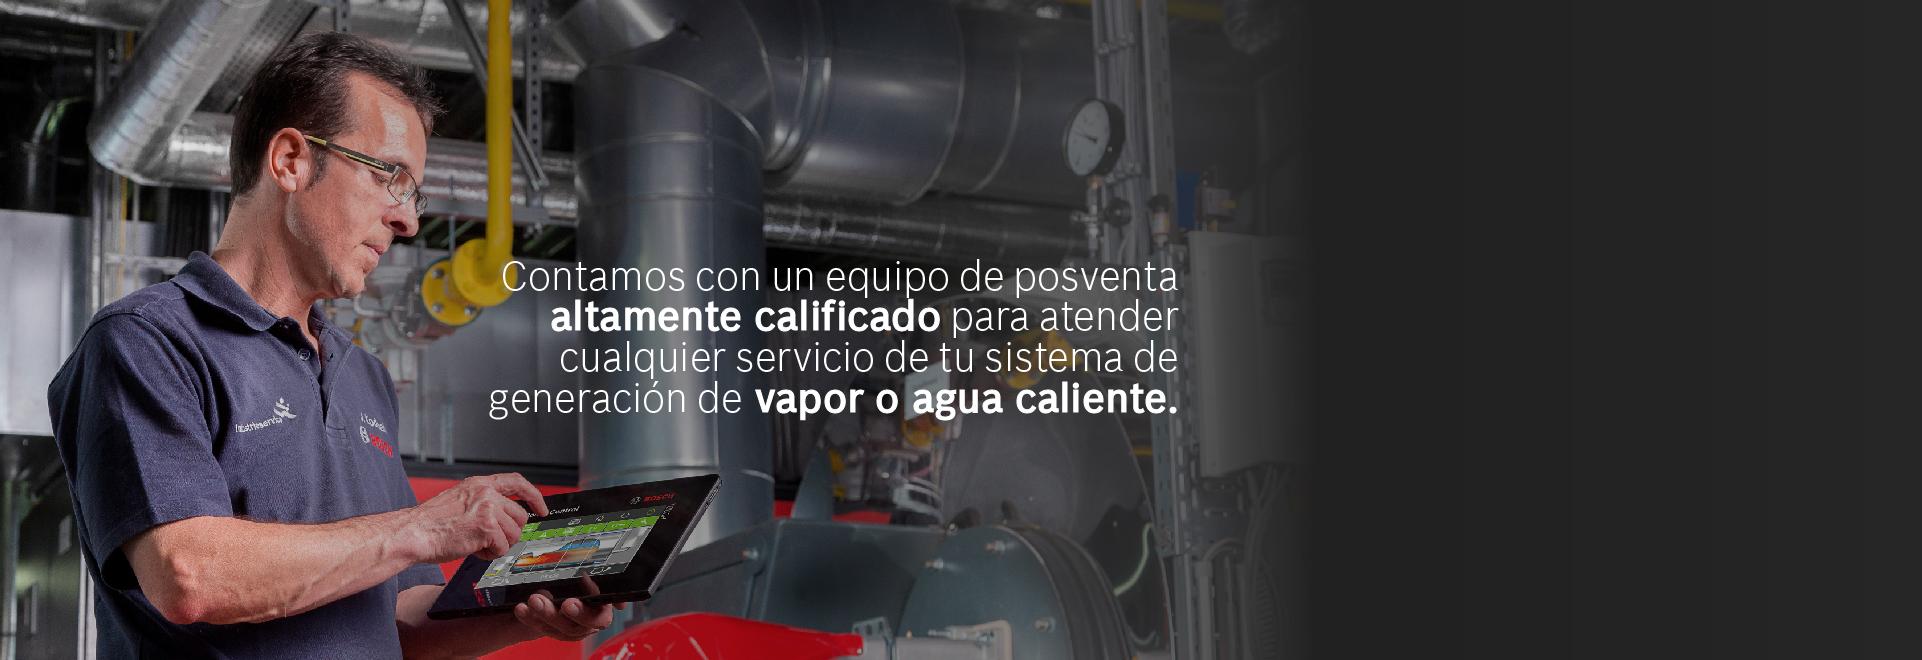 banners pagina calderas V1-02